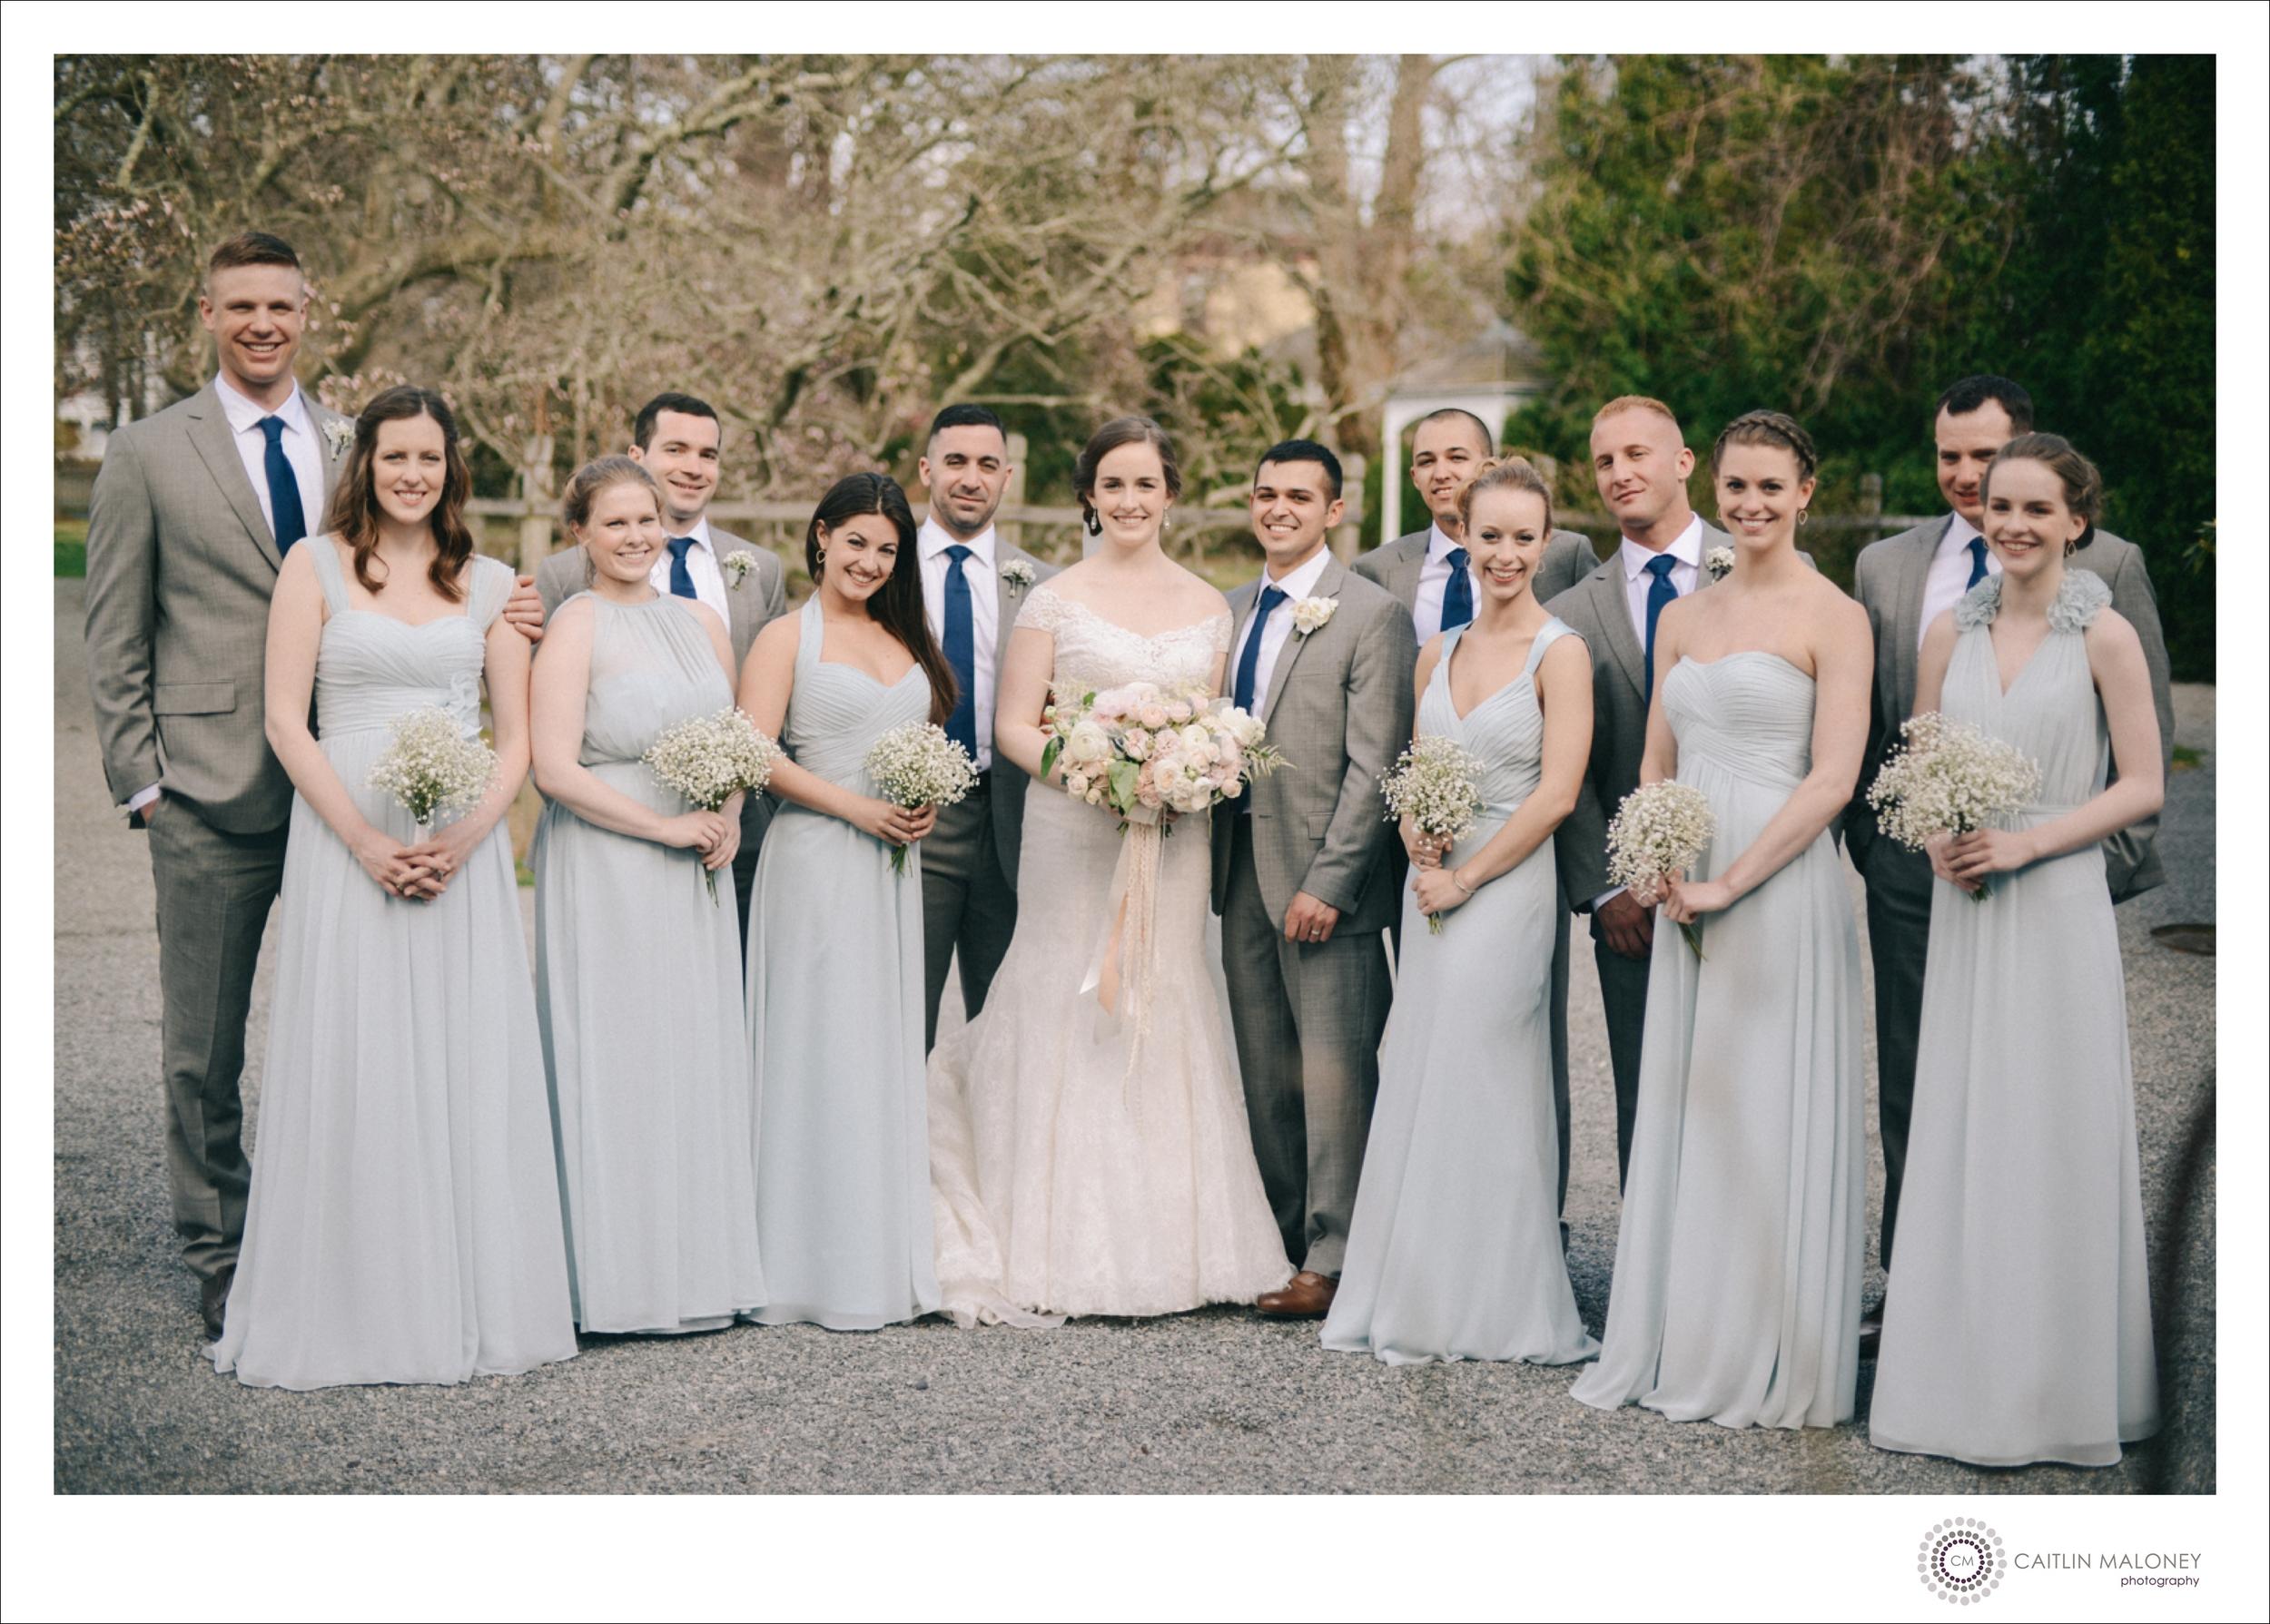 Linden_Place_Wedding_Photos_037.jpg